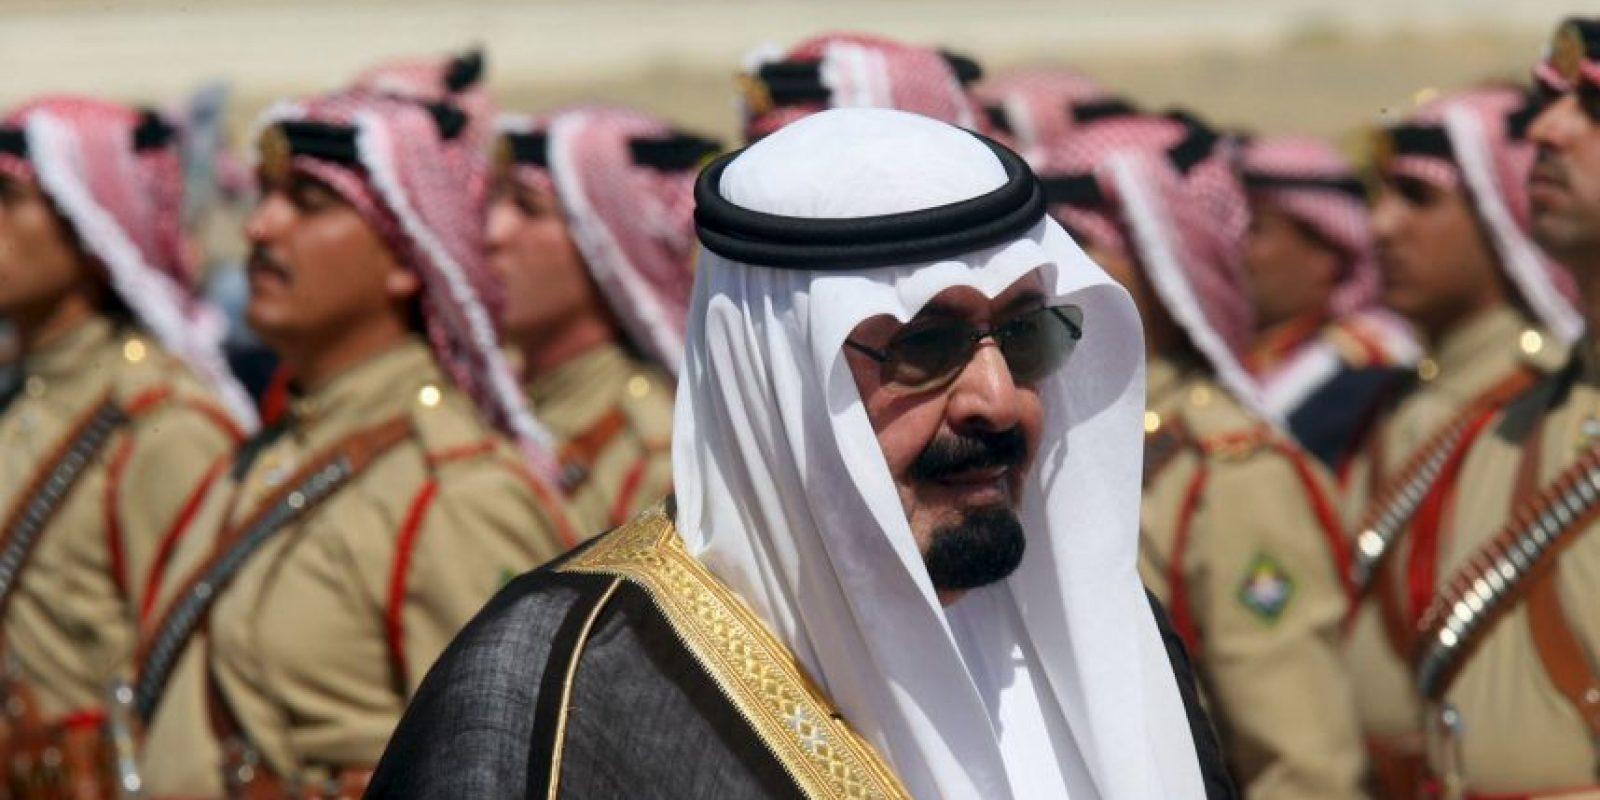 El rey Abdullah falleció en enero de 2015 siendo el tercer monarca más rico del planeta. De acuerdo a Forbes, el rey murió con cerca de 18 mil millones de dólares en su poder. Foto:Getty Images